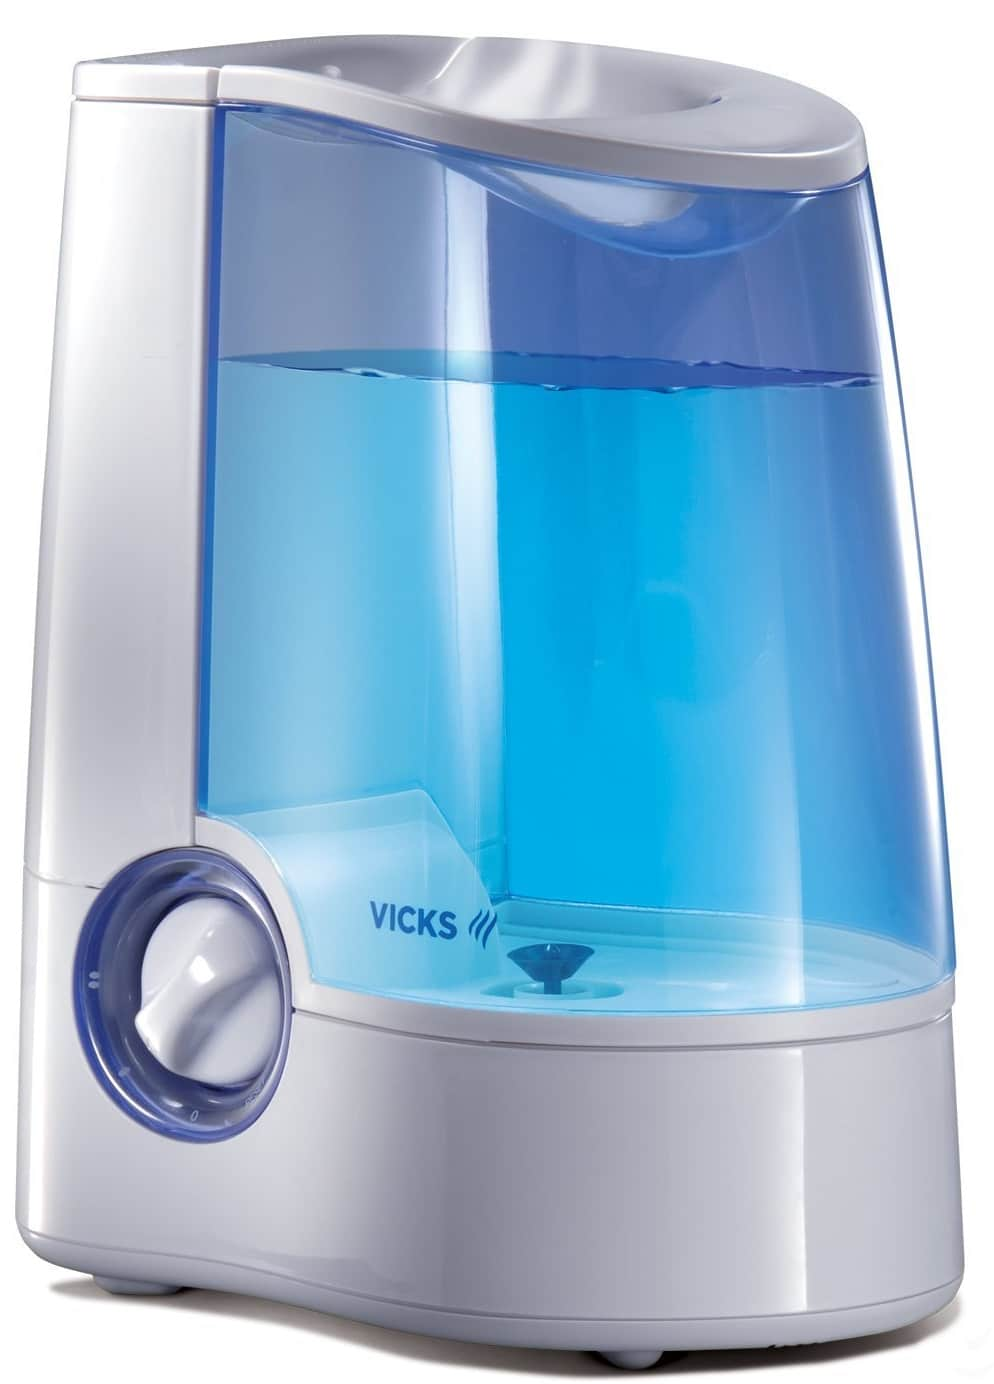 Vicks Best Warm Mist Humidifier